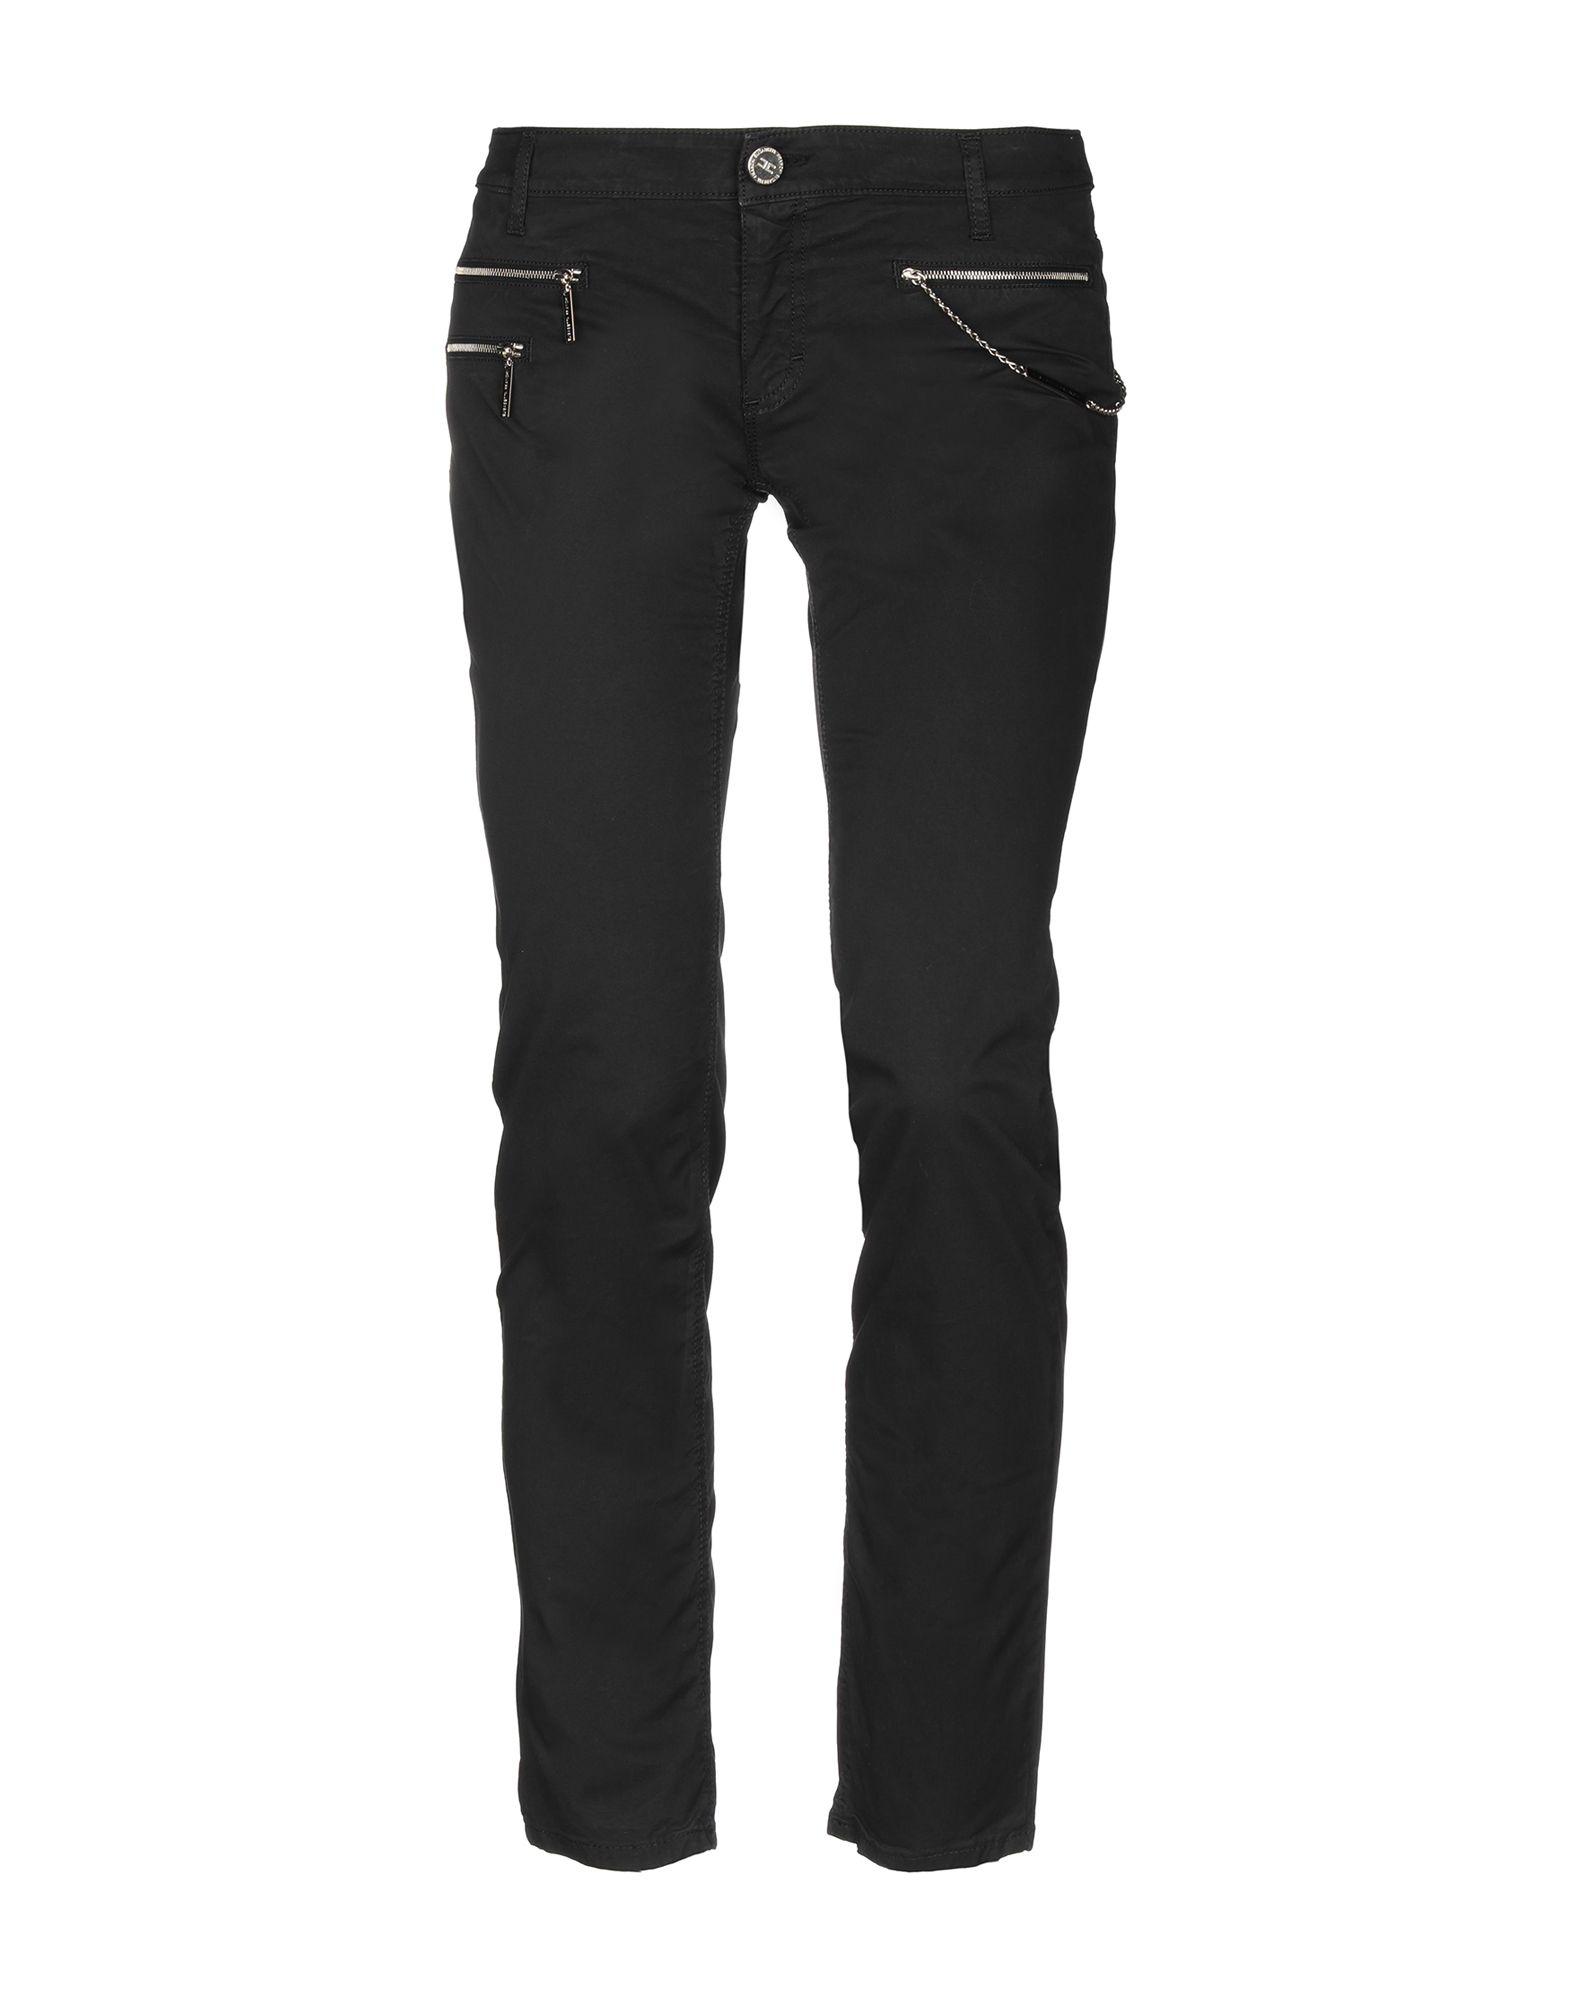 ELISABETTA FRANCHI for CELYN b. Повседневные брюки elisabetta franchi for celyn b футболка